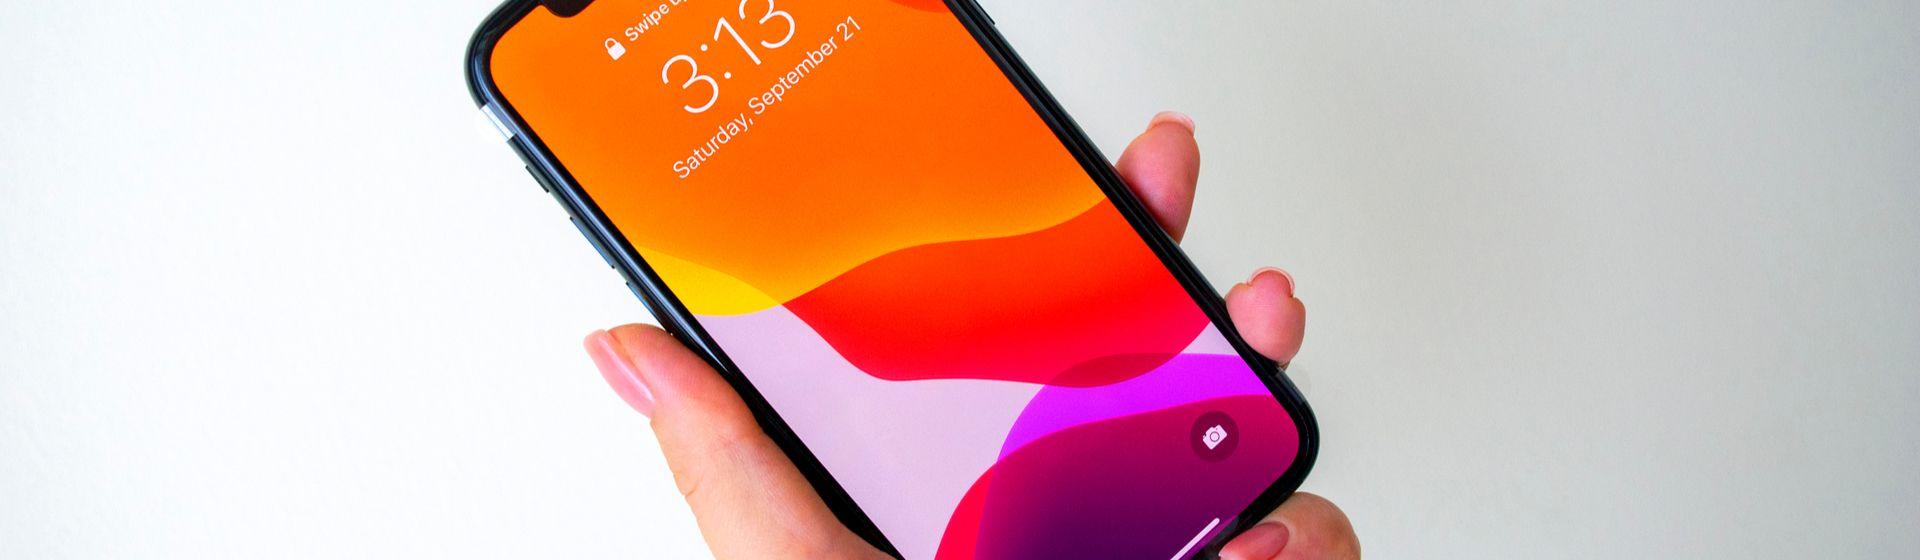 Celulares mais vendidos em agosto de 2020: iPhone 11 lidera